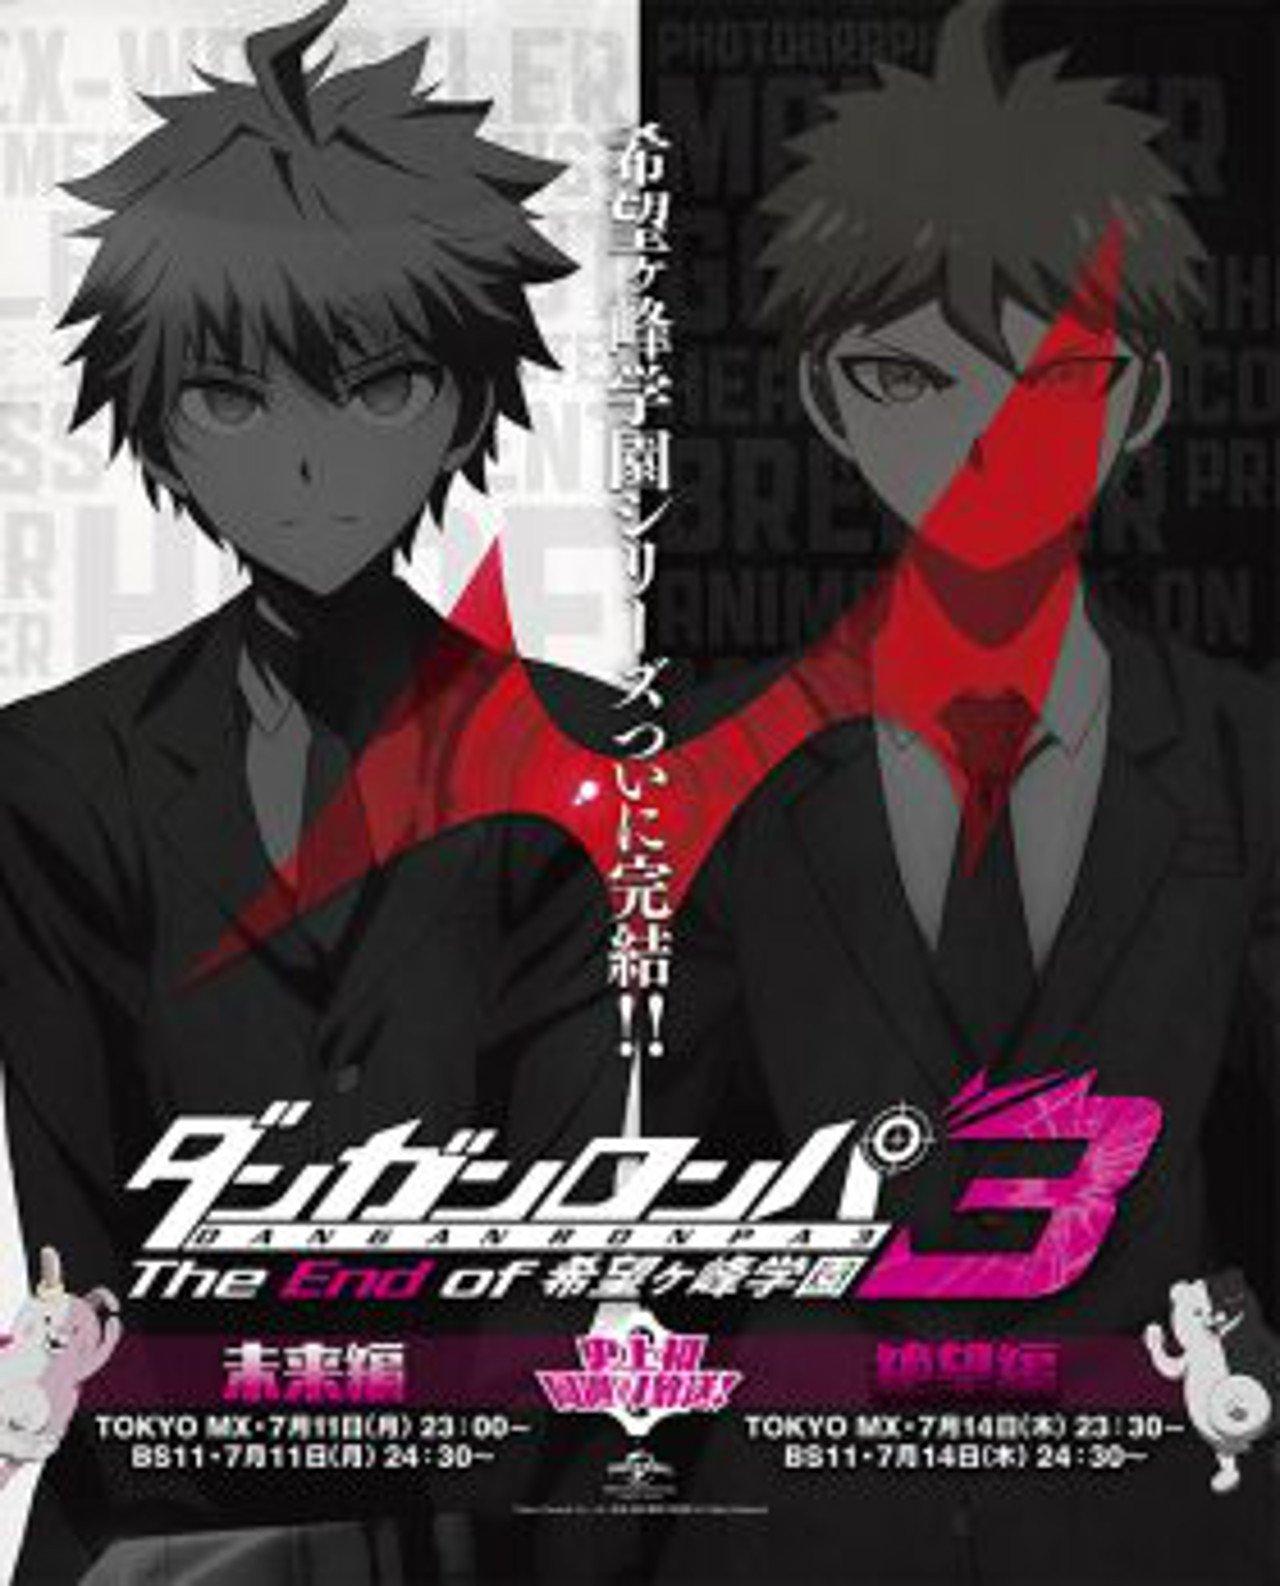 Danganronpa: una data per i due anime estivi dedicati alla serie